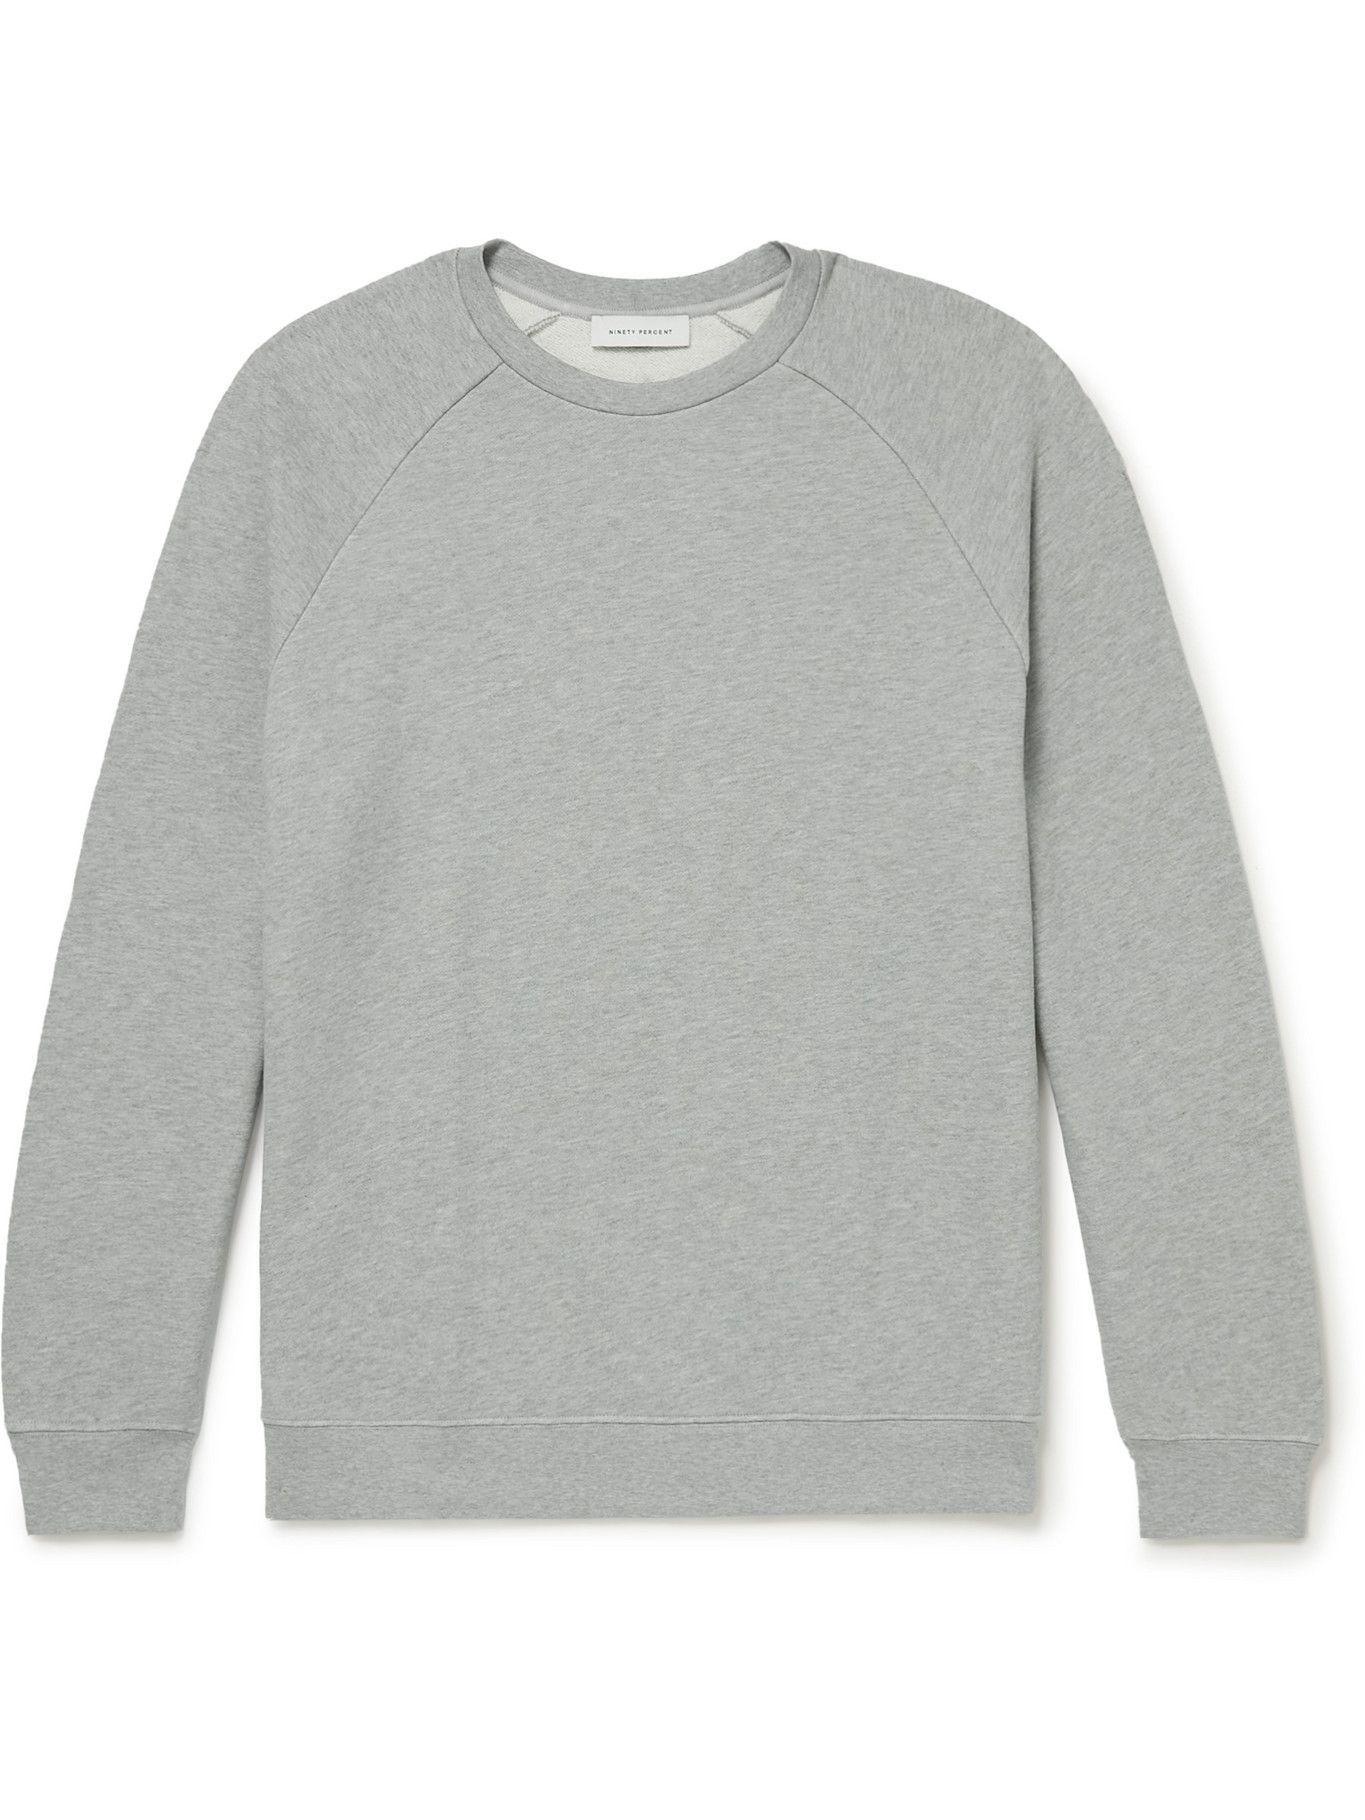 Photo: Ninety Percent - Organic Cotton-Jersey Sweatshirt - Gray